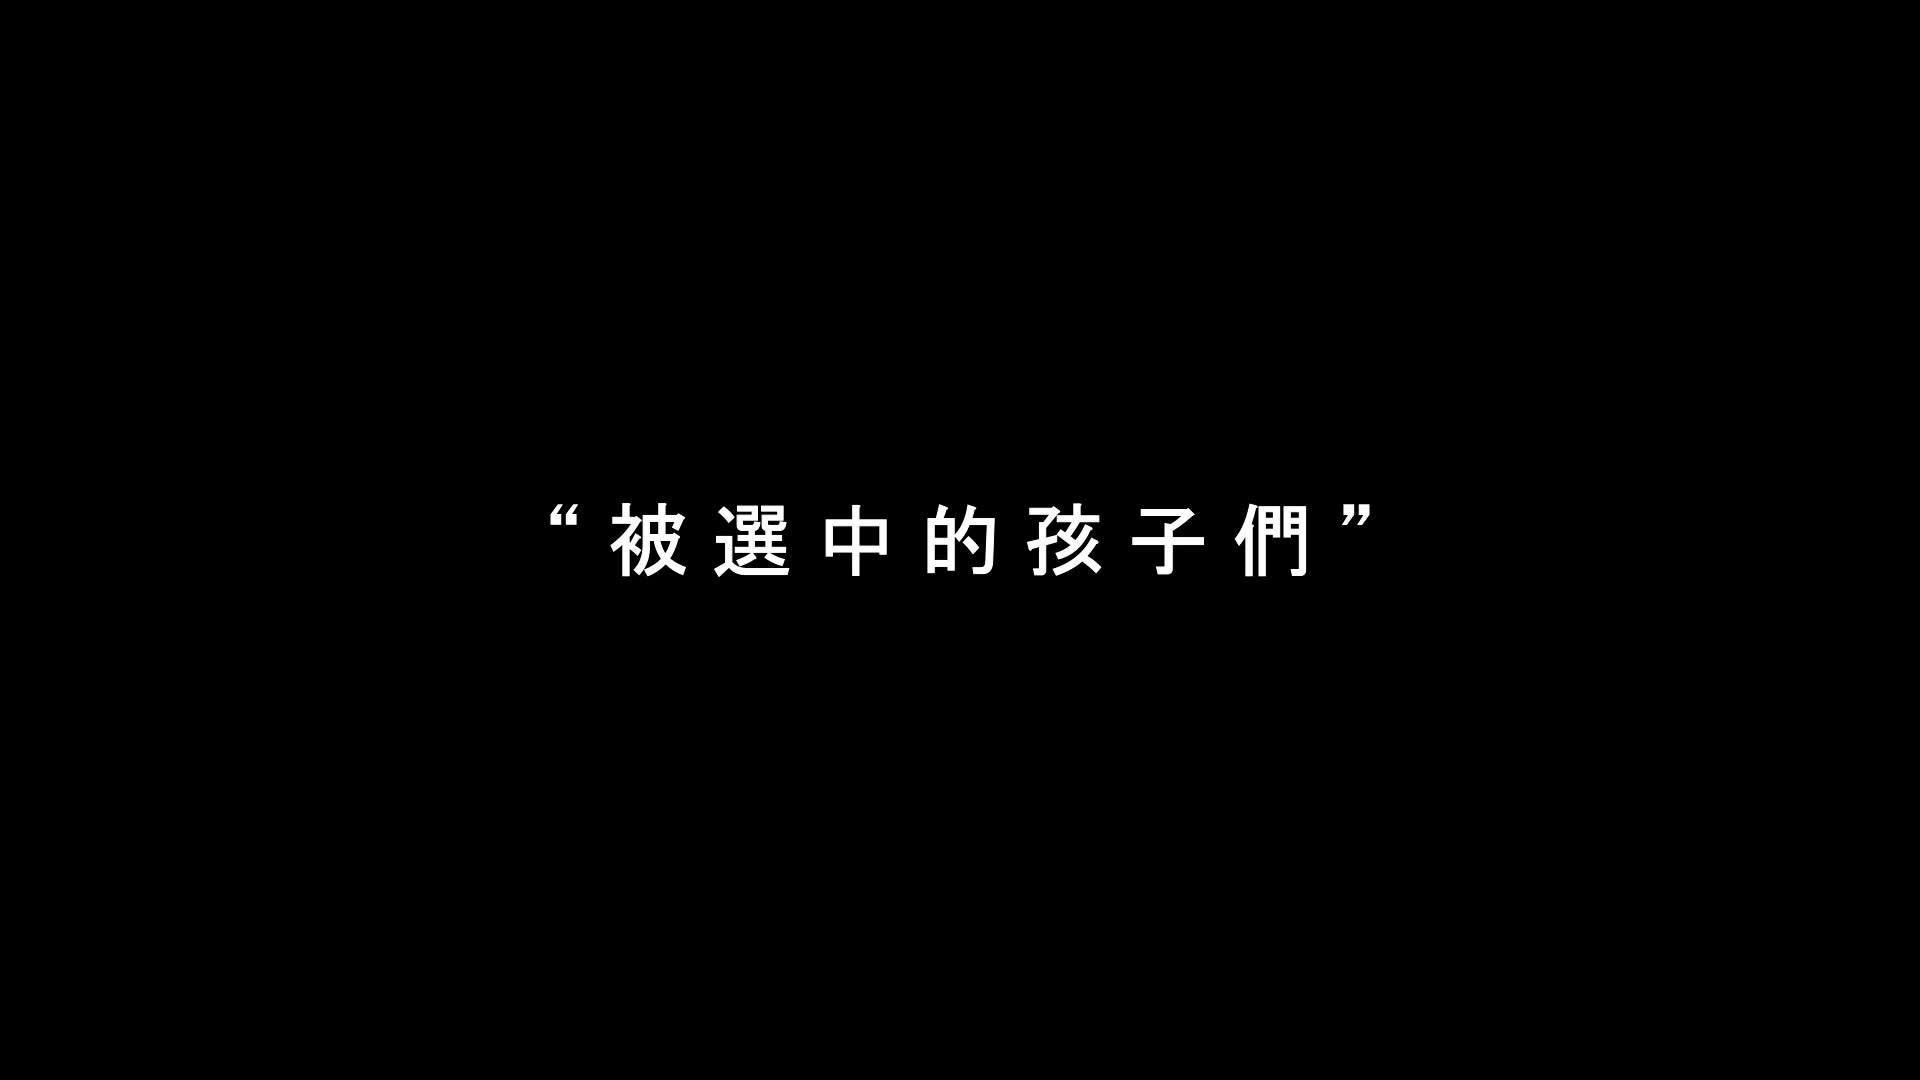 《數碼暴龍 Last Evolution 絆》電影預告